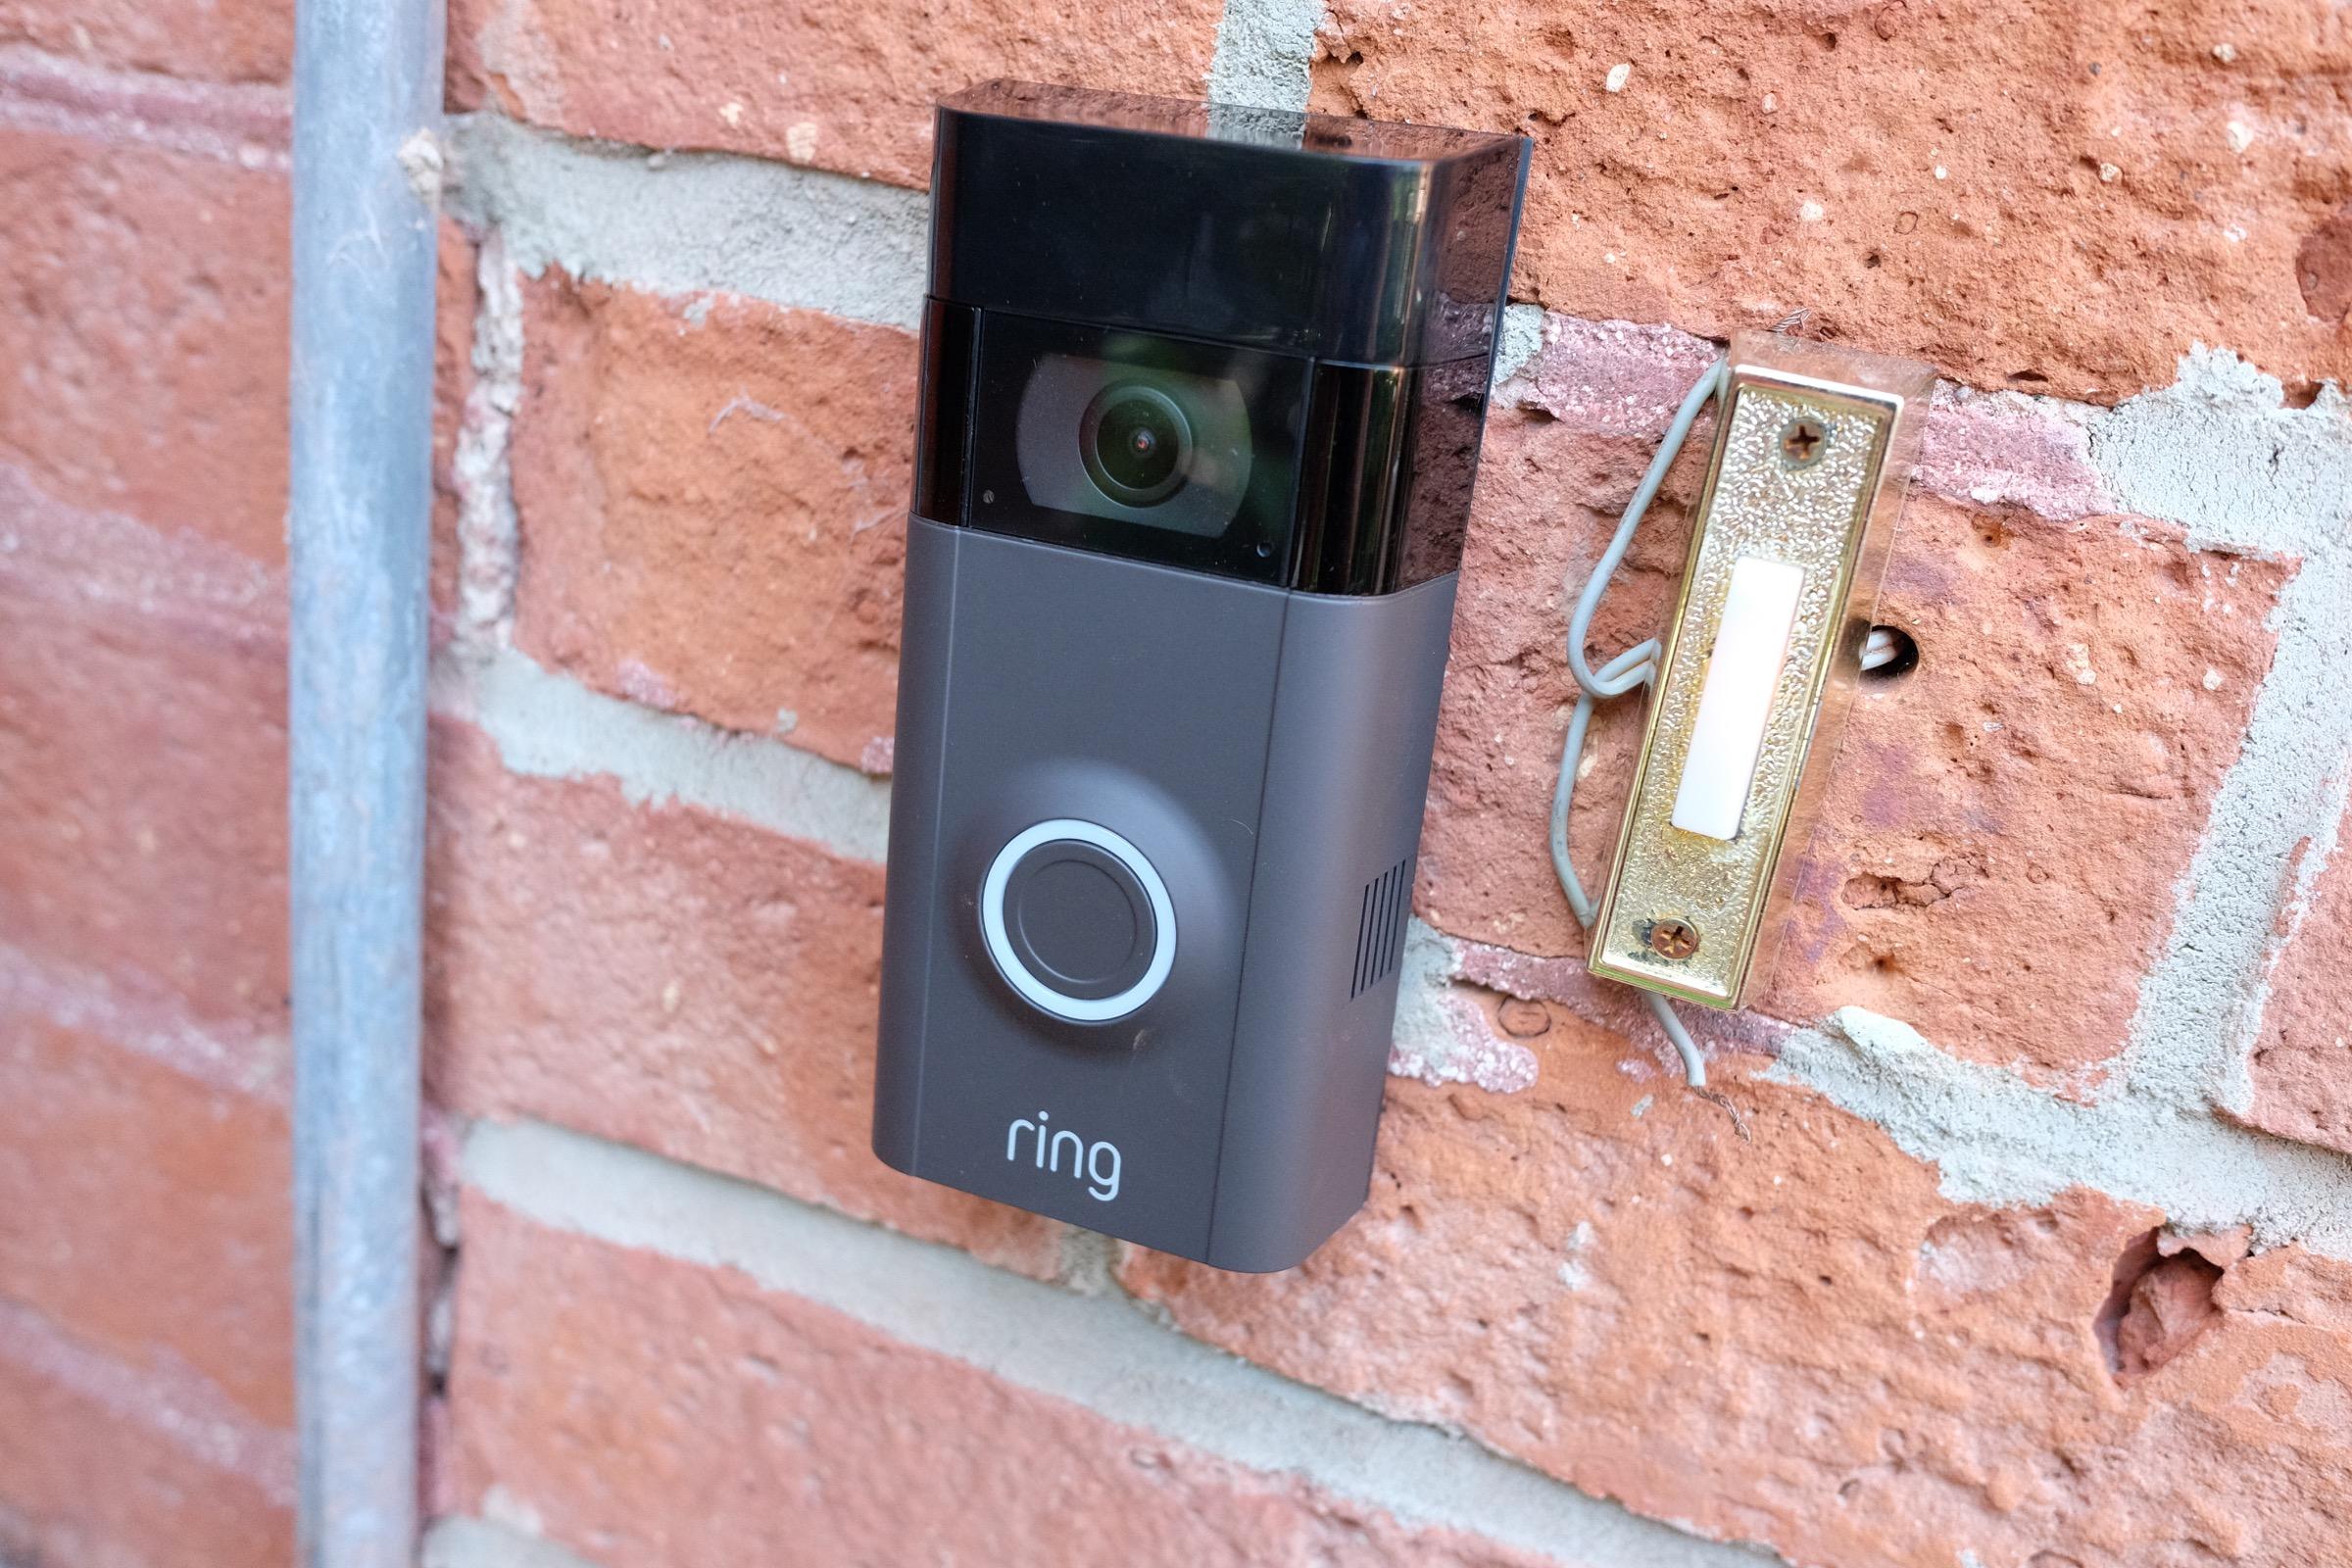 Ring Video Doorbell 2 & Amazon is buying smart doorbell maker Ring | TechCrunch